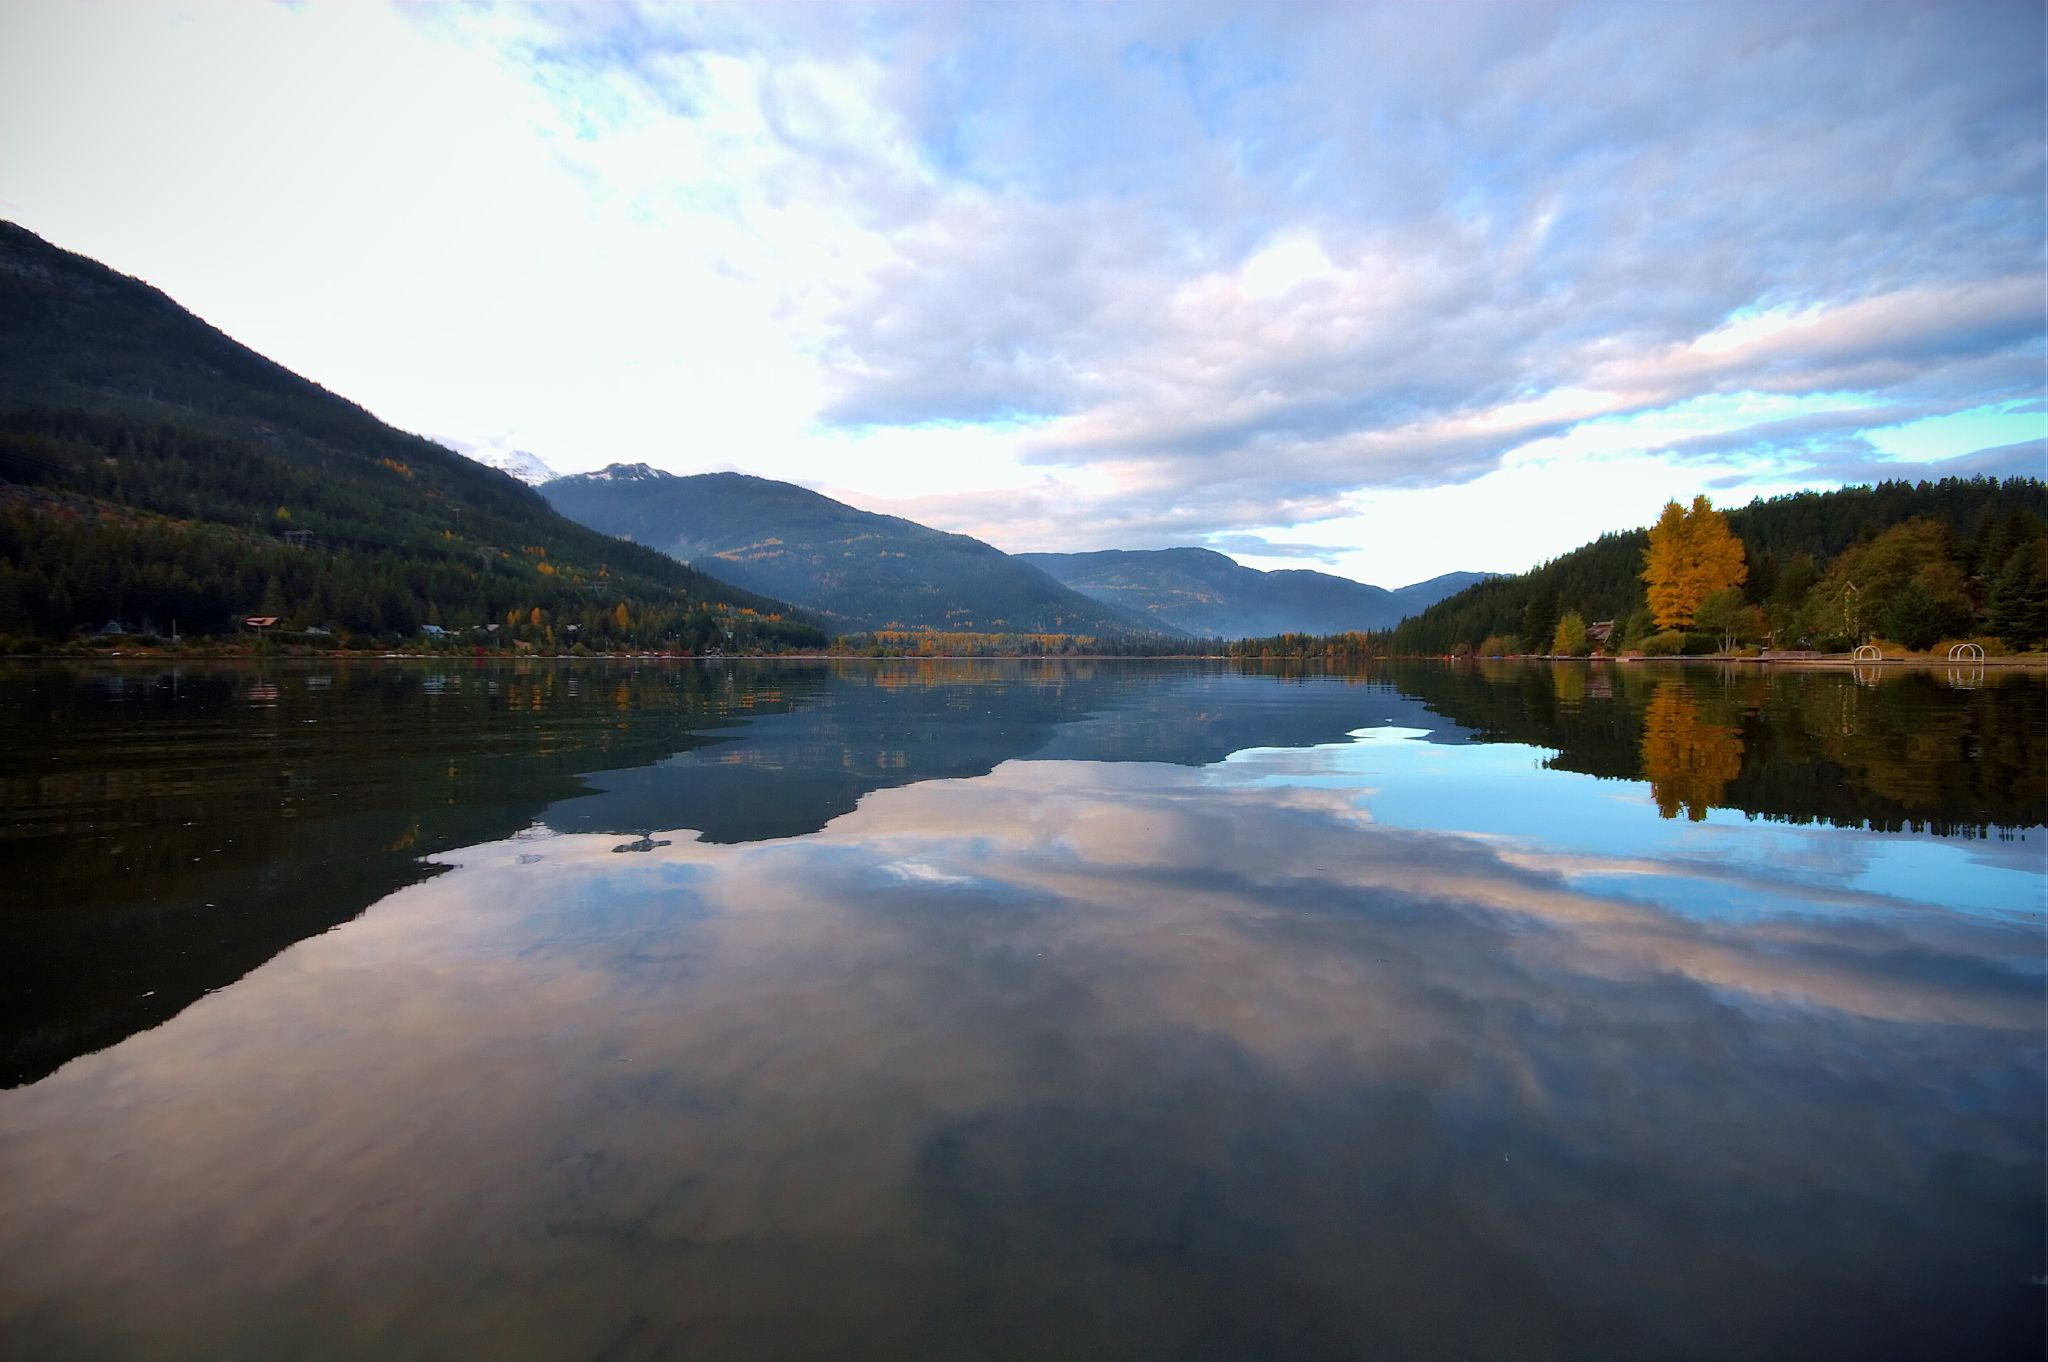 Alta Lake (Sujohn Das/Flickr)